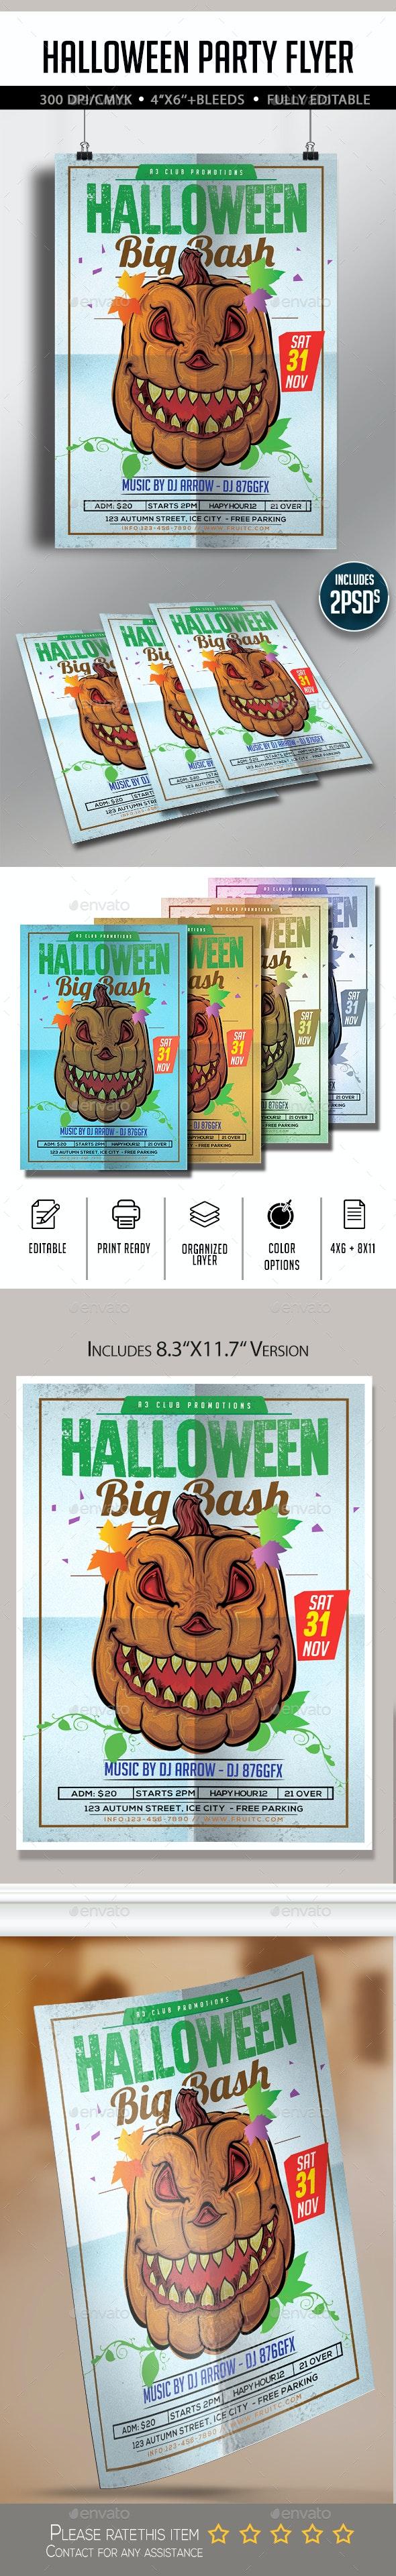 Halloween Flyer A4 - Flyers Print Templates